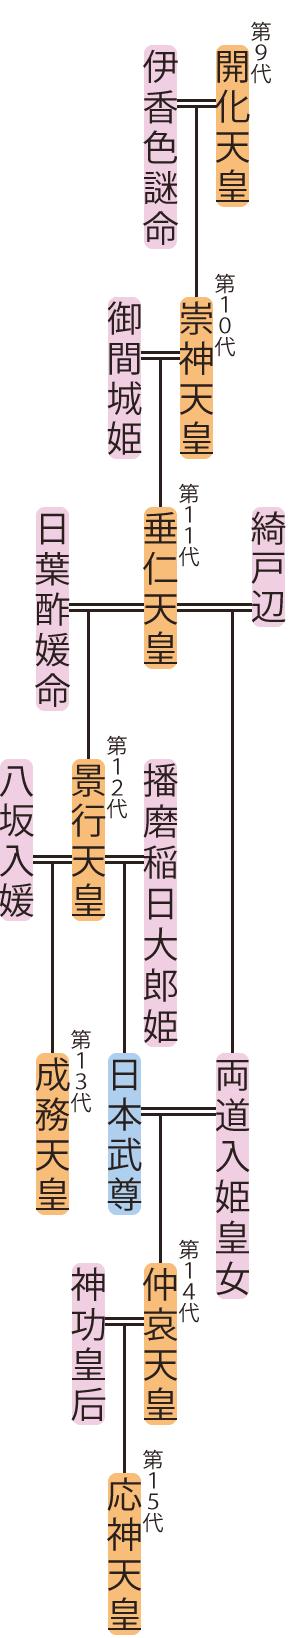 崇神天皇~仲哀天皇の略系図